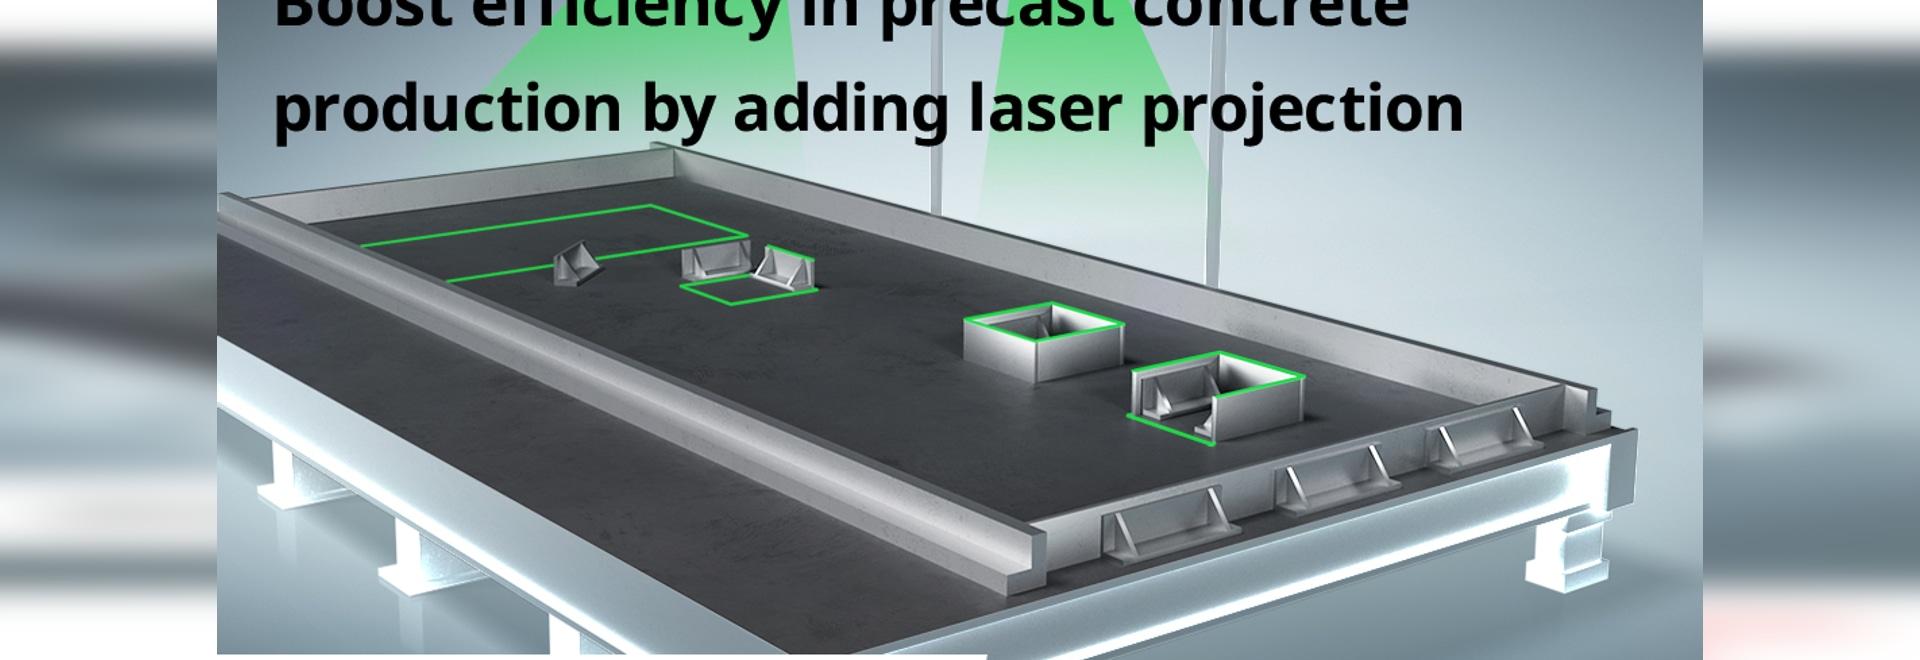 Webinaire : Augmenter l'efficacité de la production de béton préfabriqué en ajoutant la projection laser